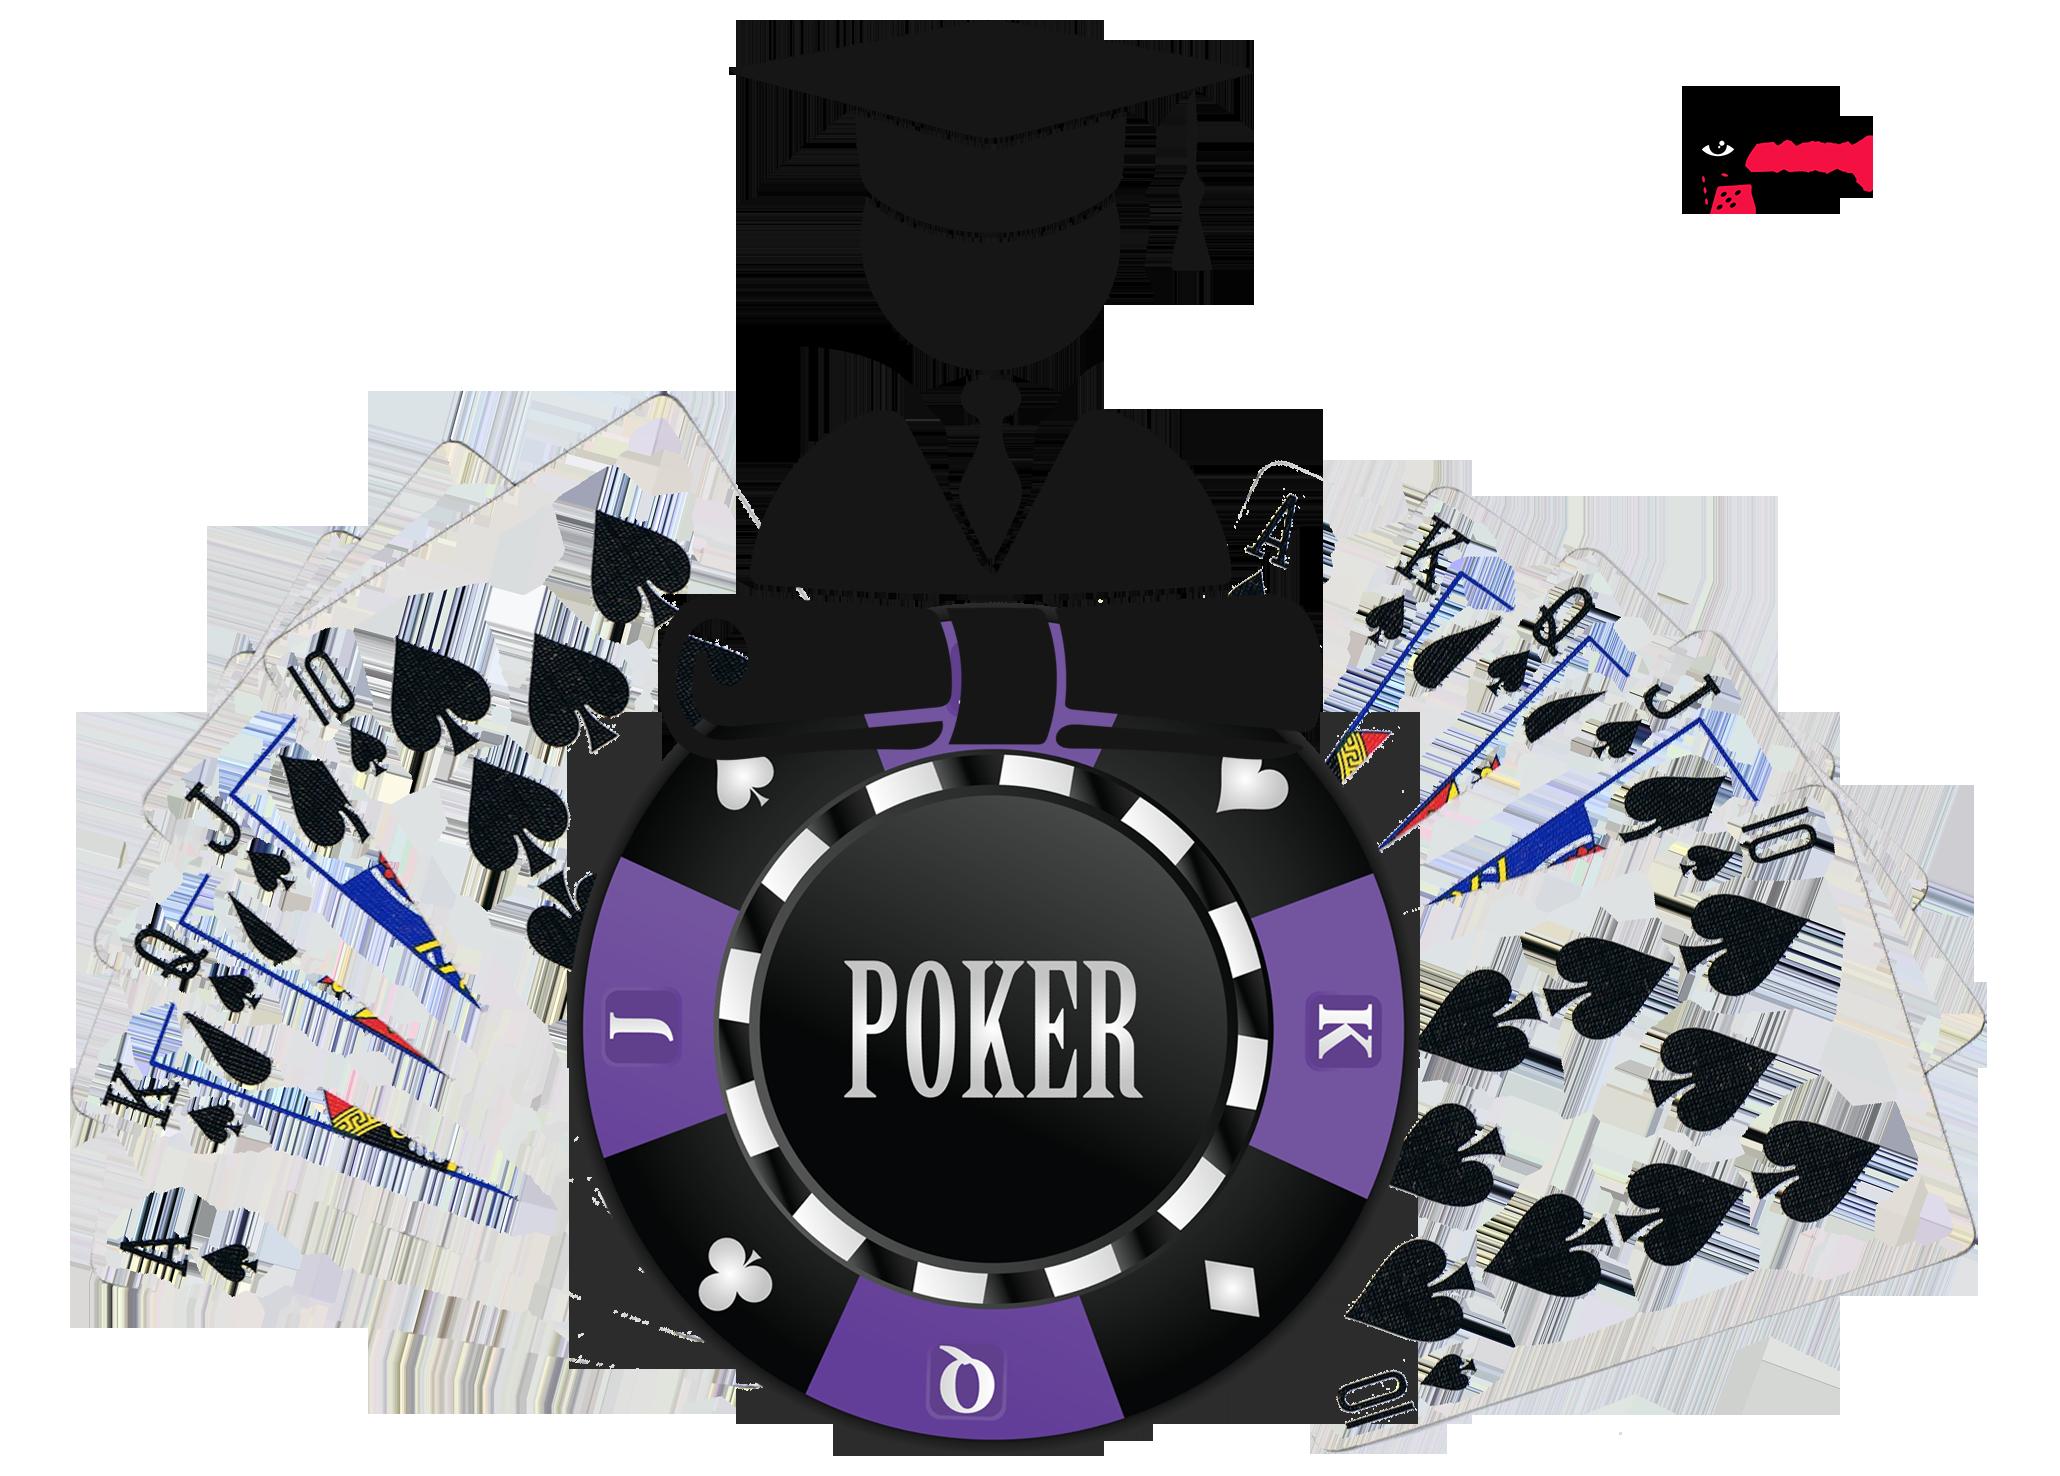 Kā kļūt par Pokera profesionāli tiešsaistē - pokera čips un kārtis